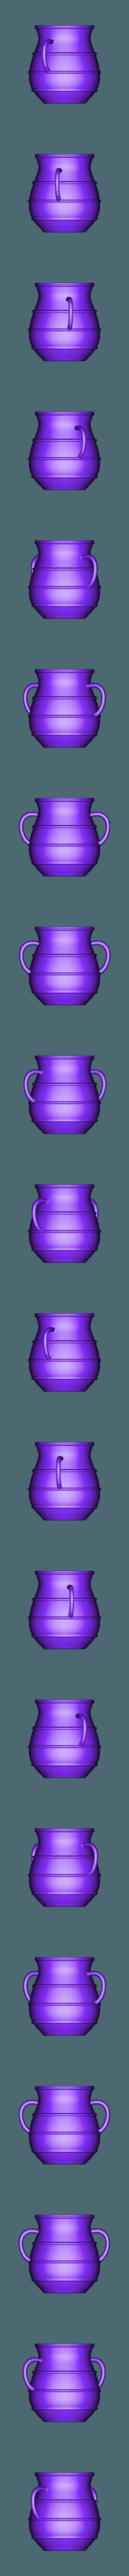 BARON round box C Trial base.stl Télécharger fichier STL gratuit BARON BOÎTE RONDE C • Plan pour impression 3D, Glamarune